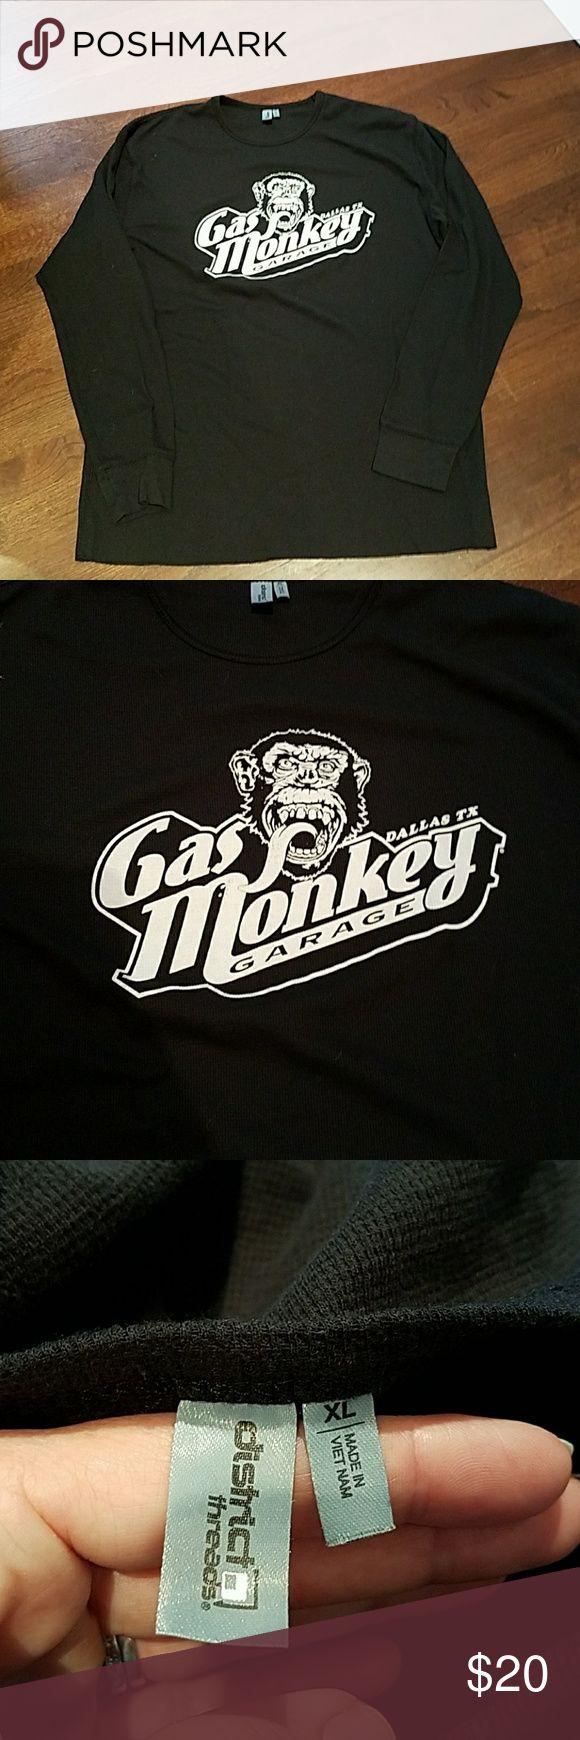 Christie brimberry gas monkey garage wiki - Mens Gas Monkey Garage Crew Thermal